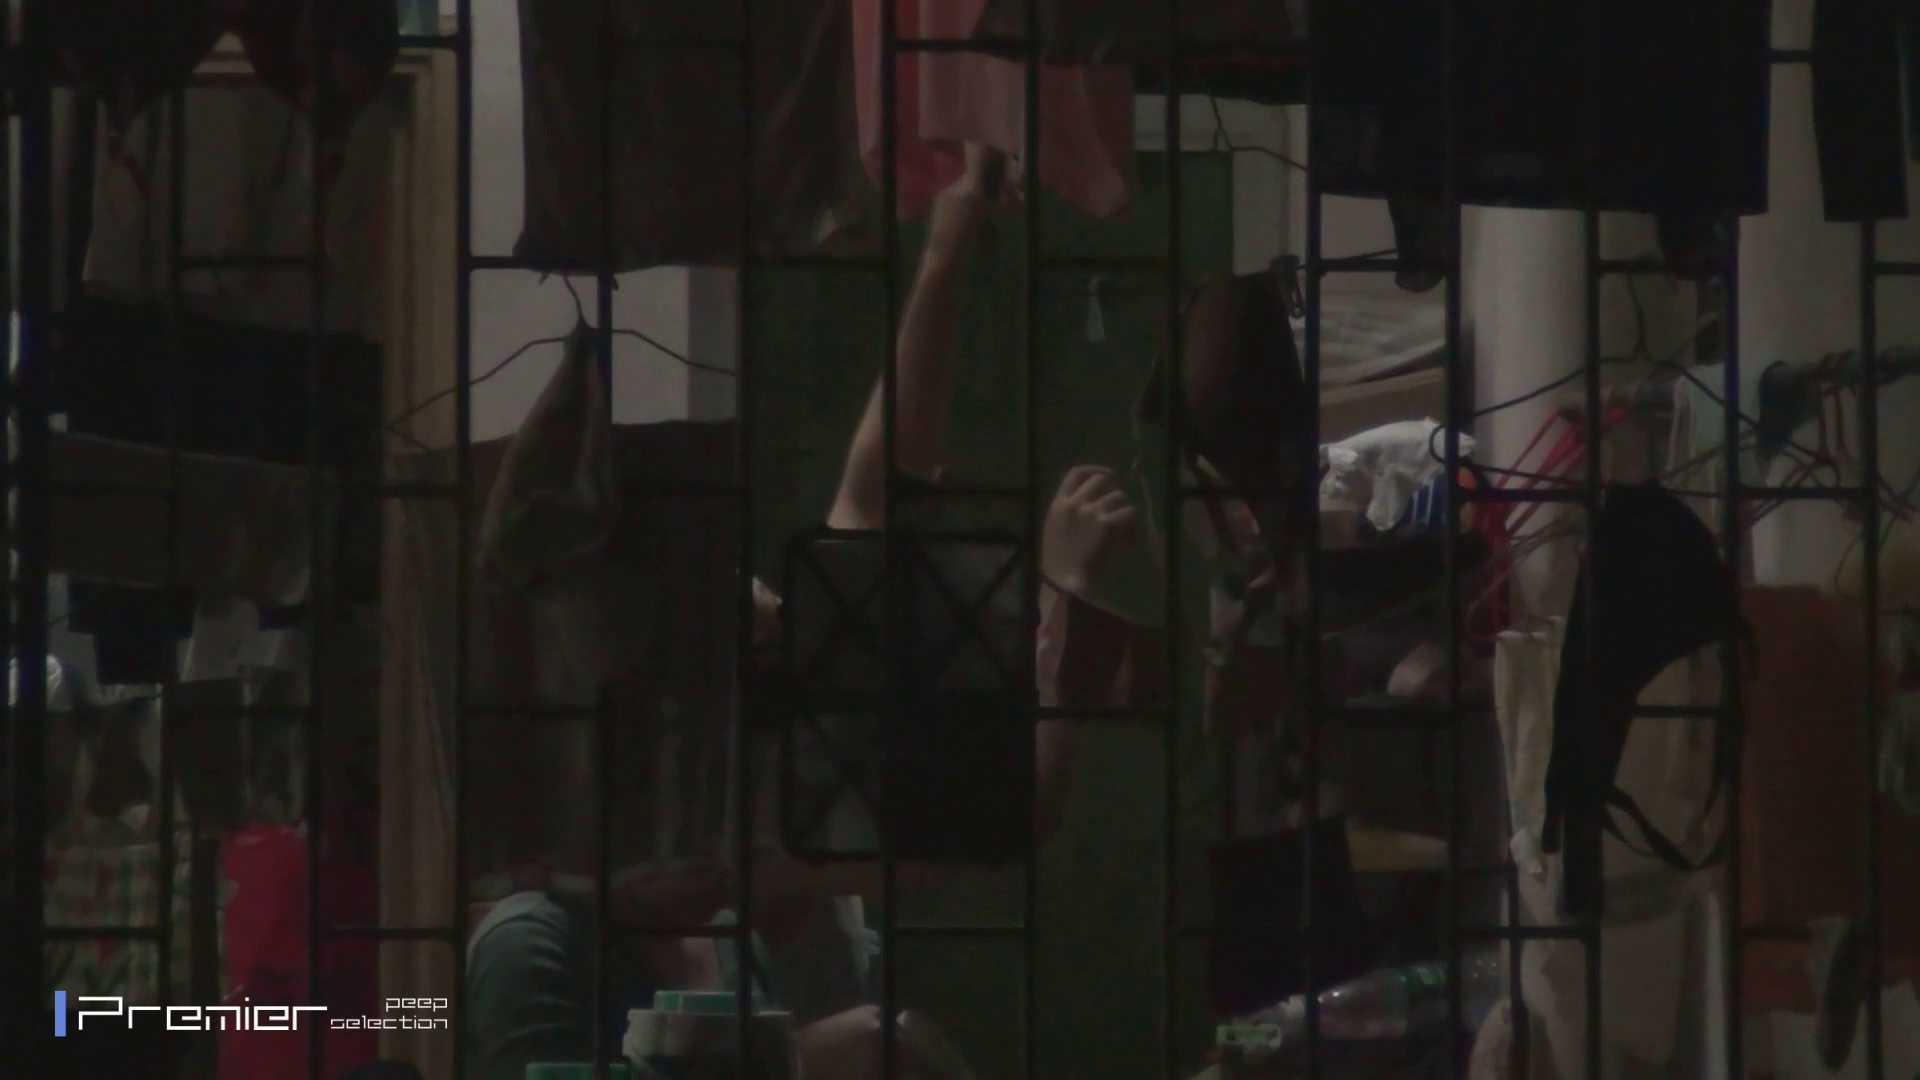 美女の痴態に密着!洗濯物を干す女 Vol.07 細身女性 オマンコ無修正動画無料 98画像 79